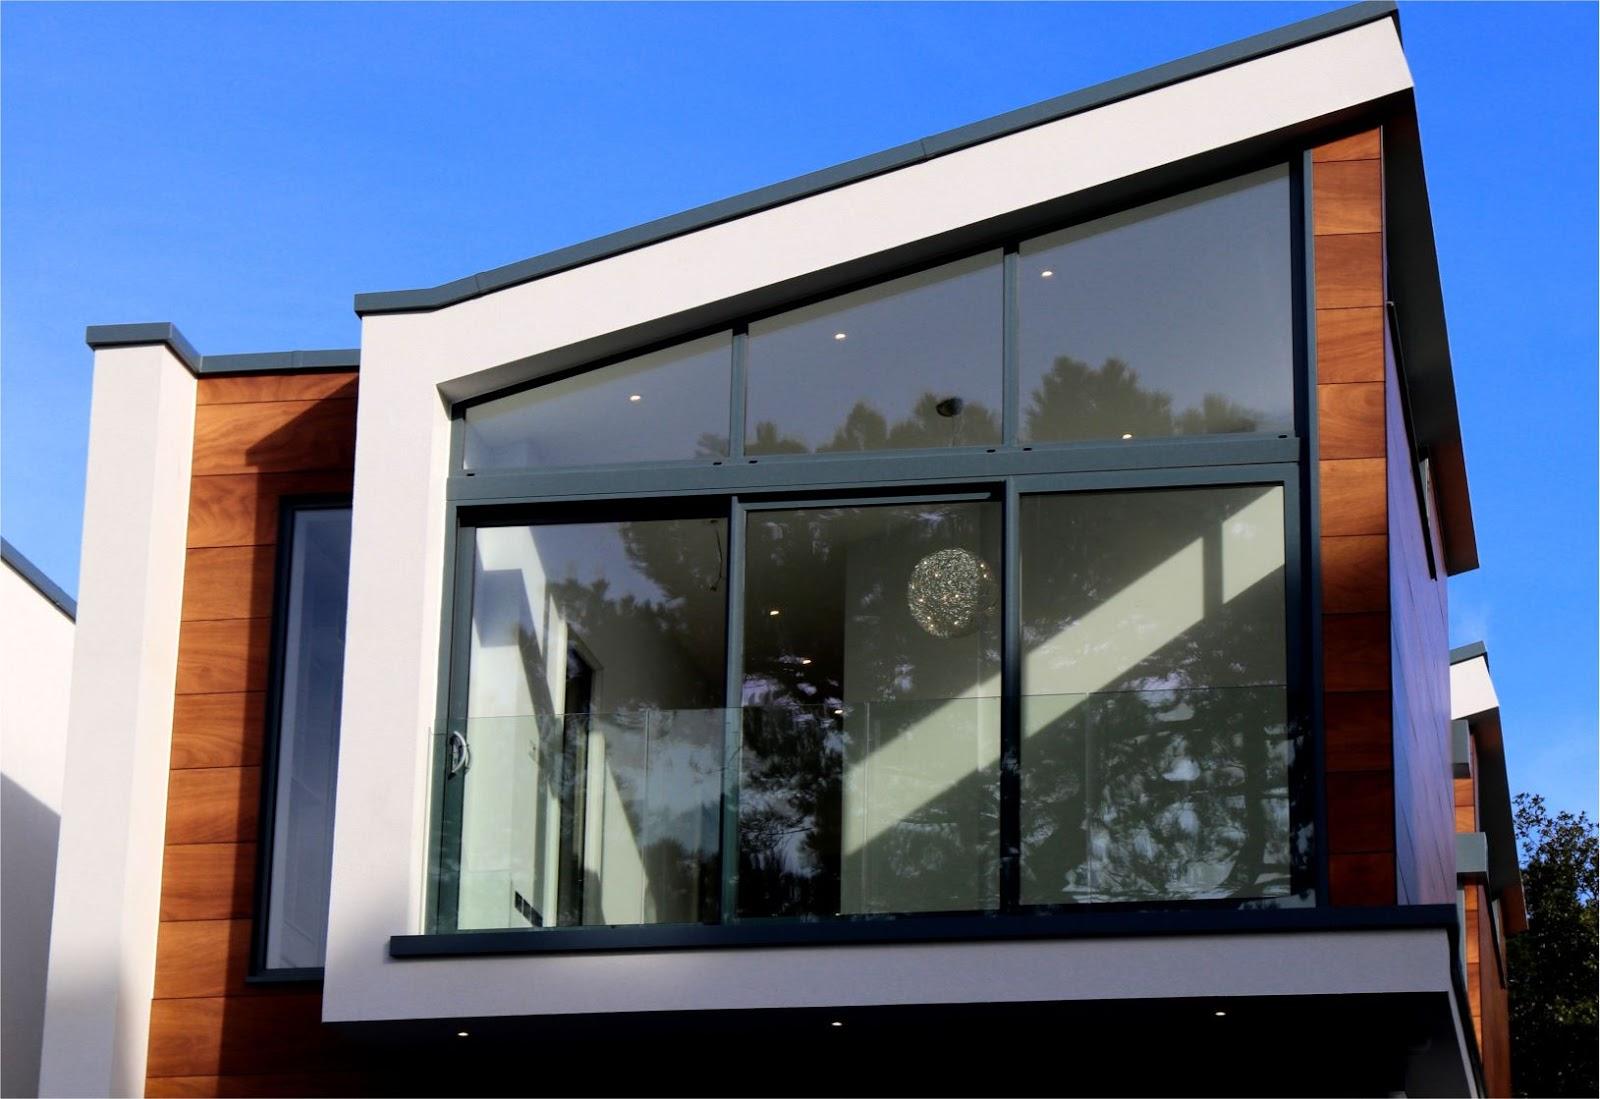 Kelebihan dan kekurangan menggunakan Dinding Kaca sebagai sekat ruangan  rumah - Infoin Aja